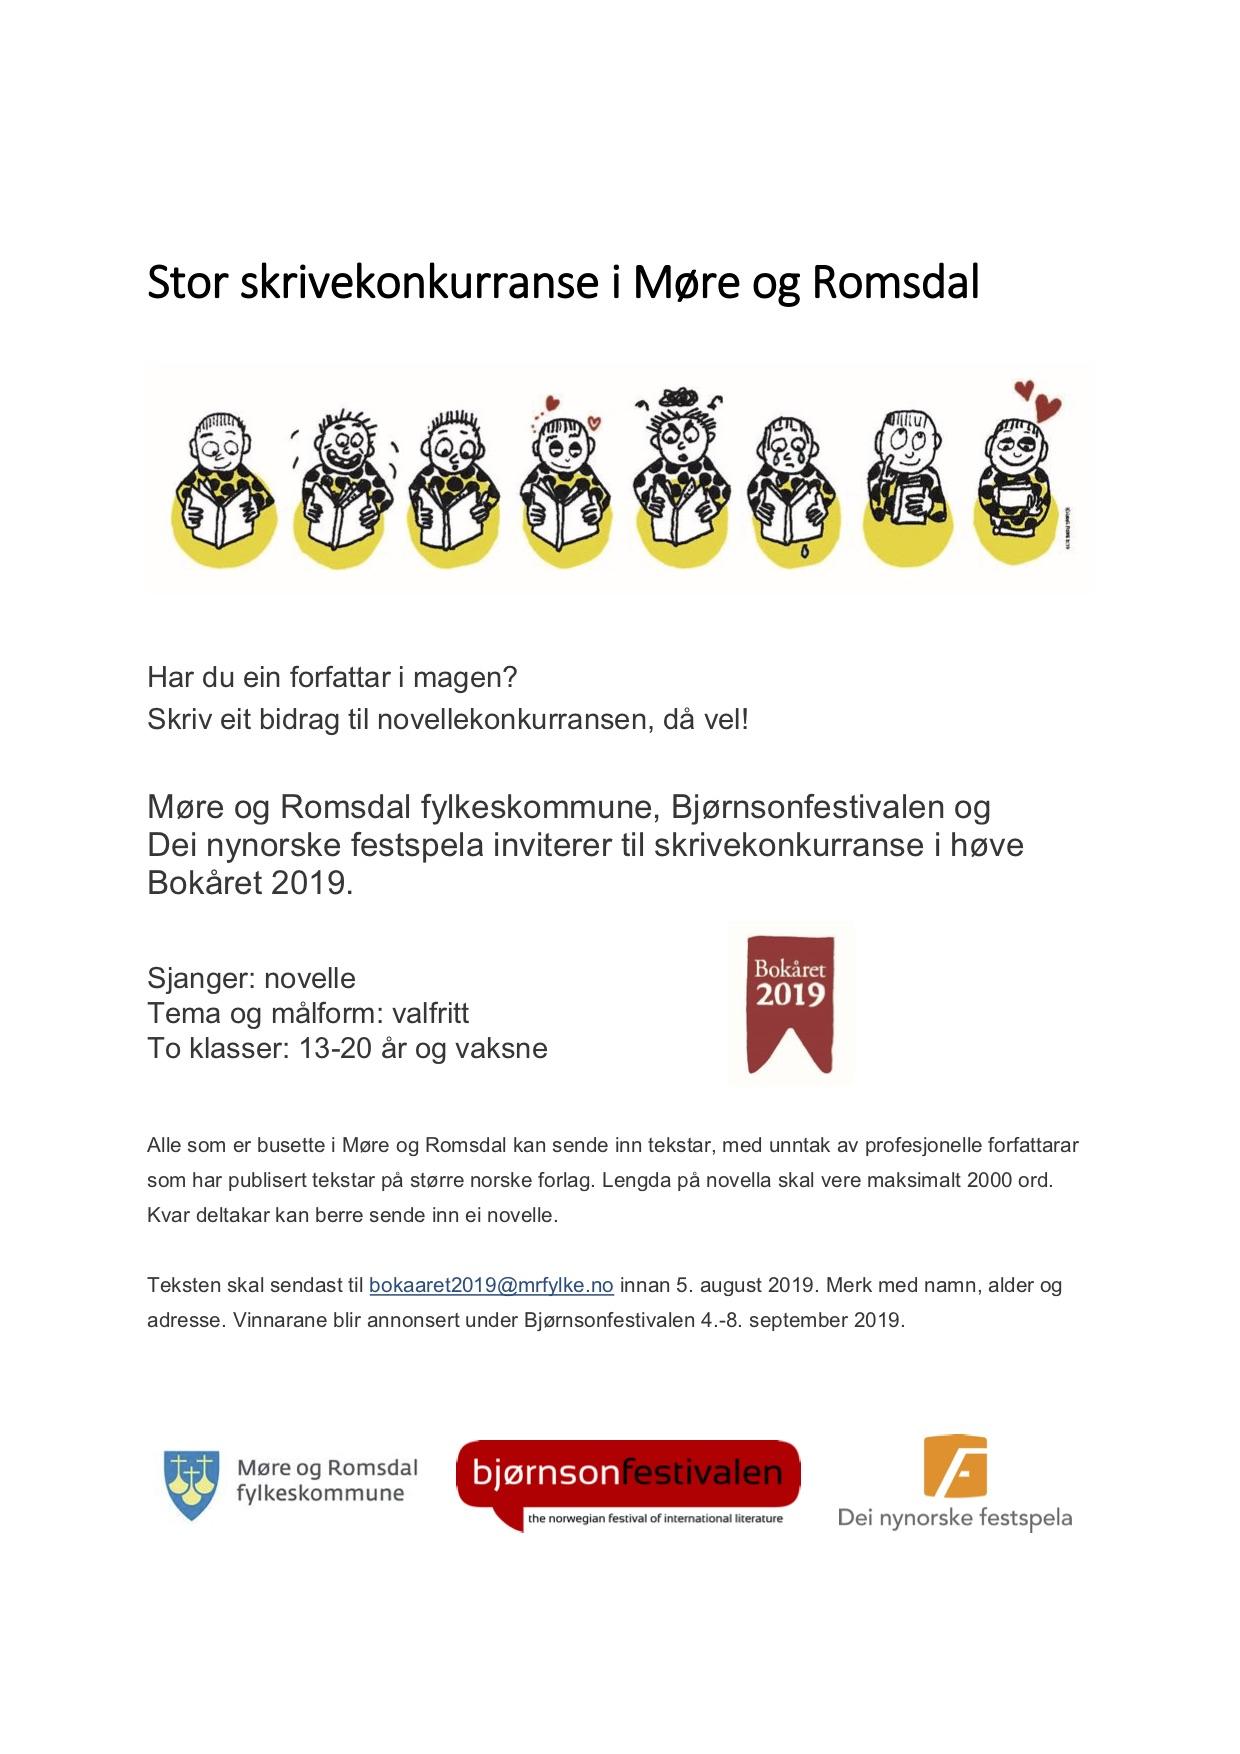 Plakat Stor skrivekonkurranse i Møre og Romsdal med logoar.jpg